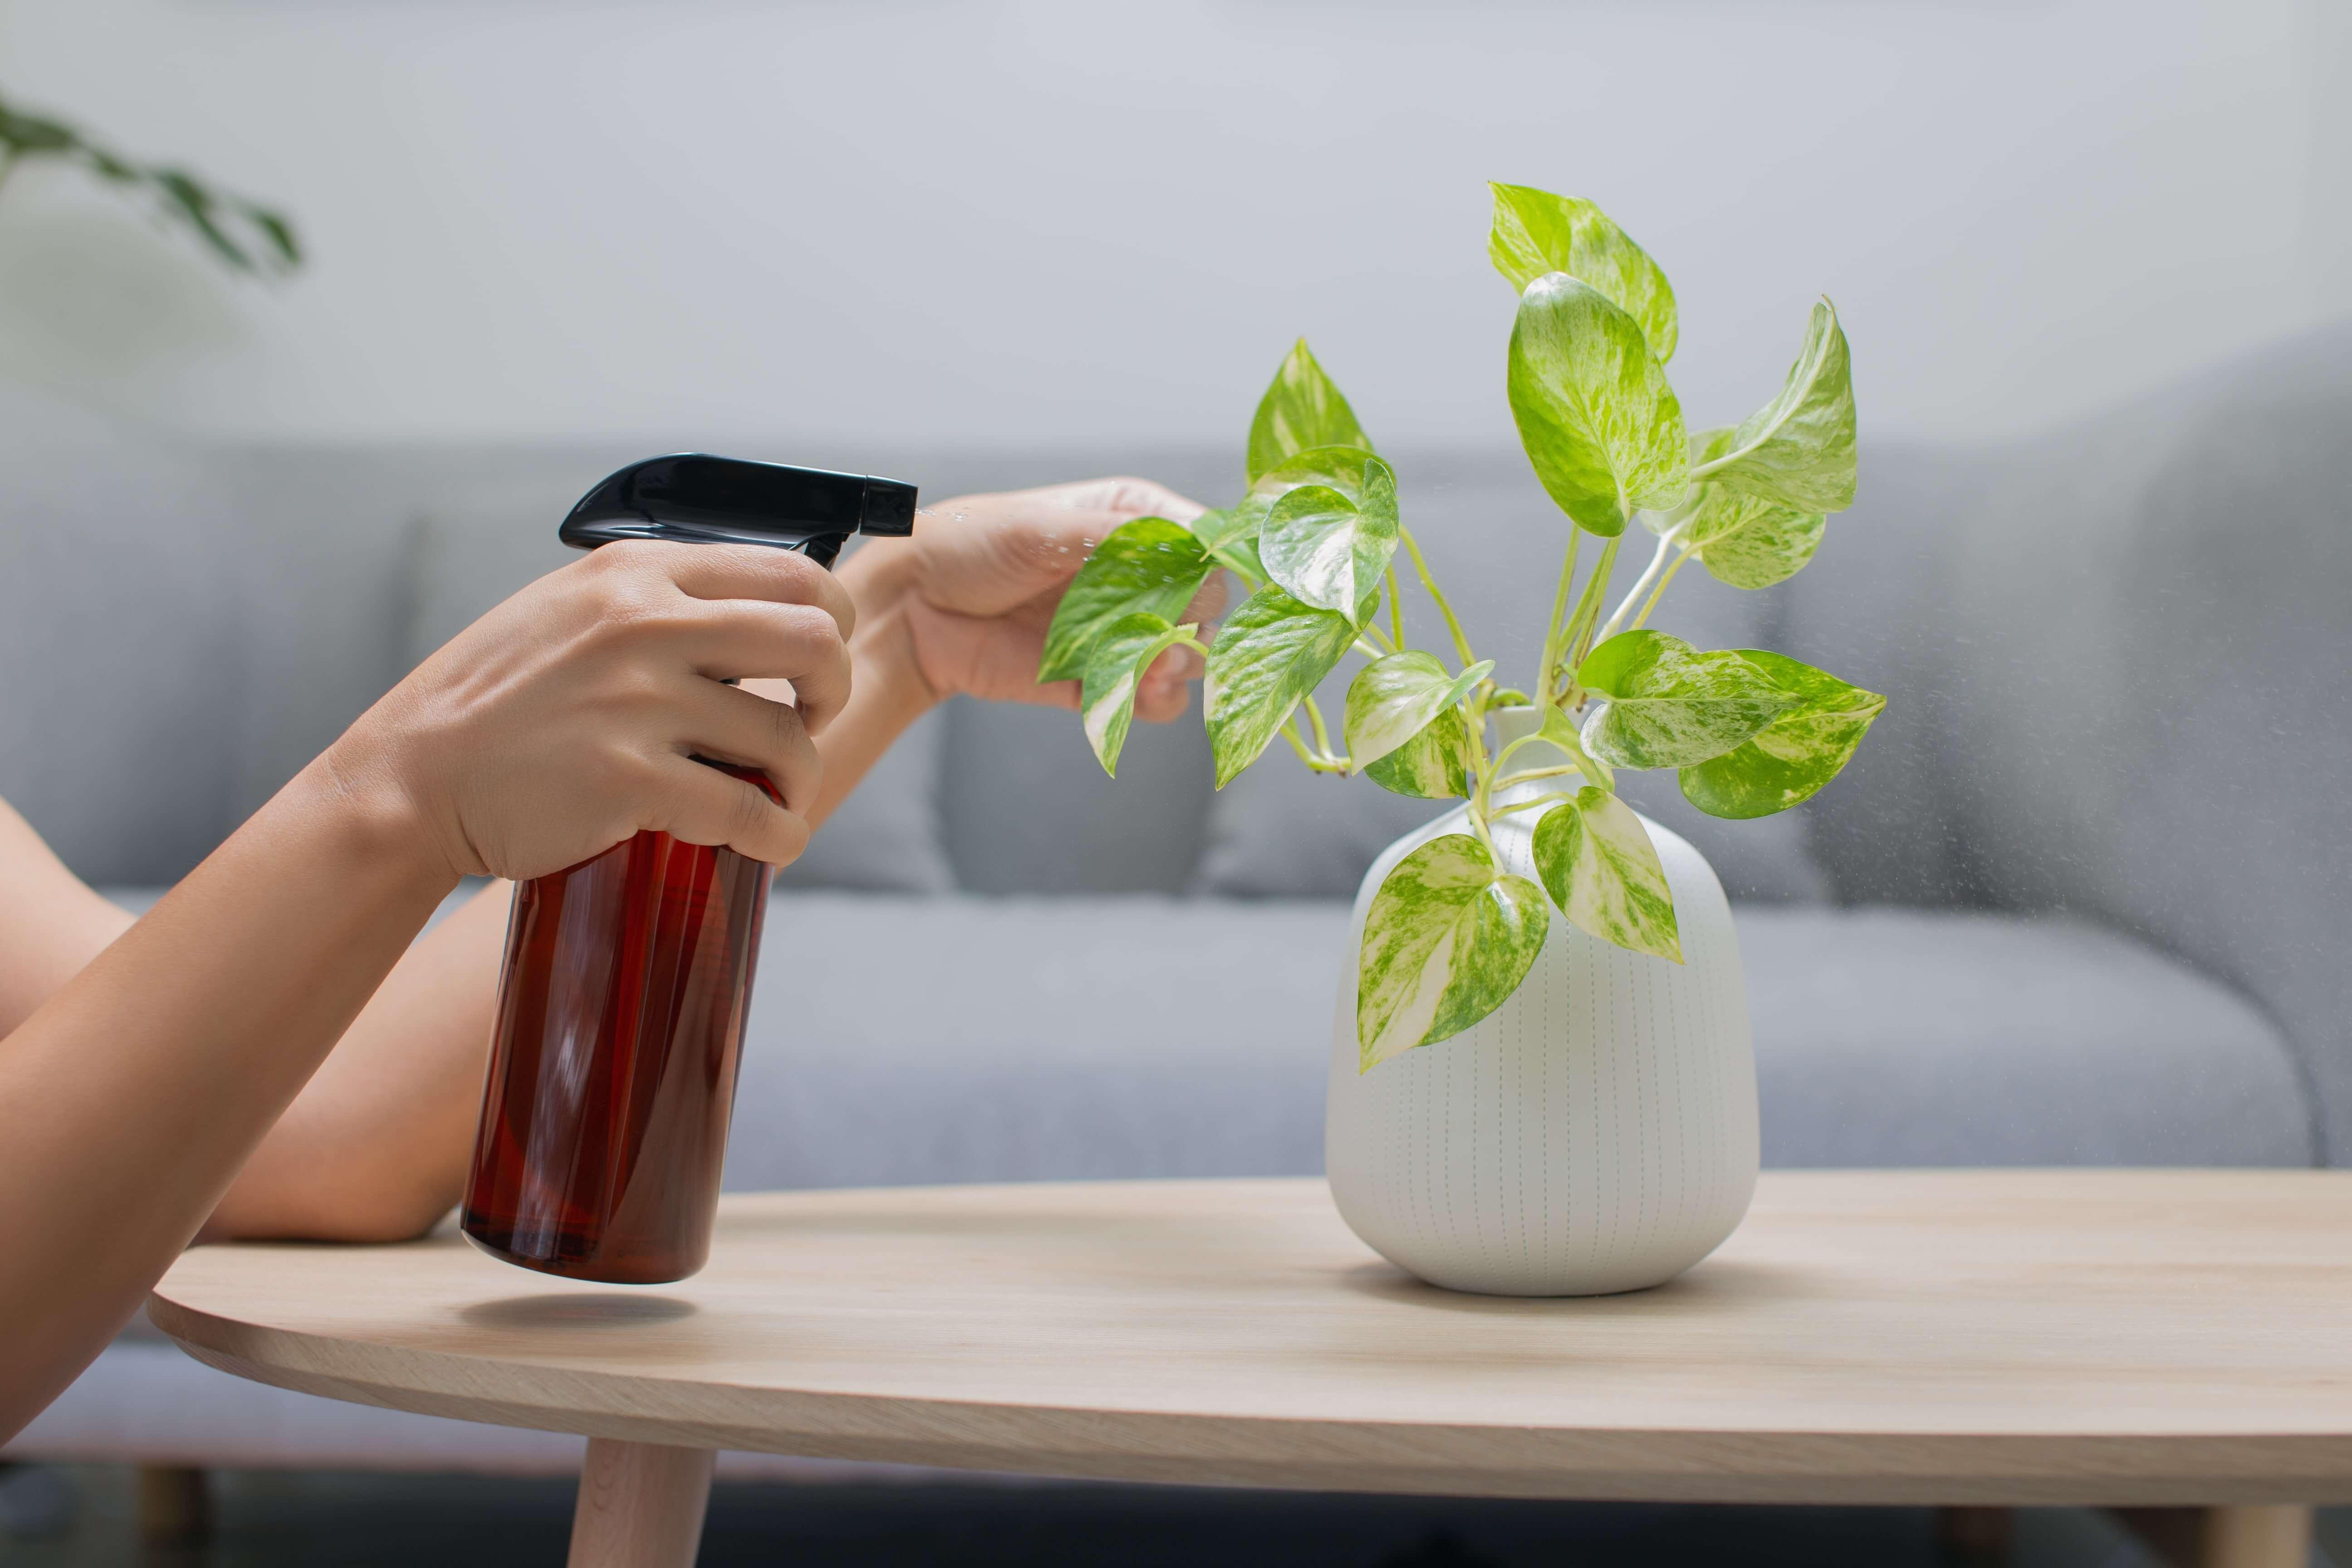 Feed the Foliage